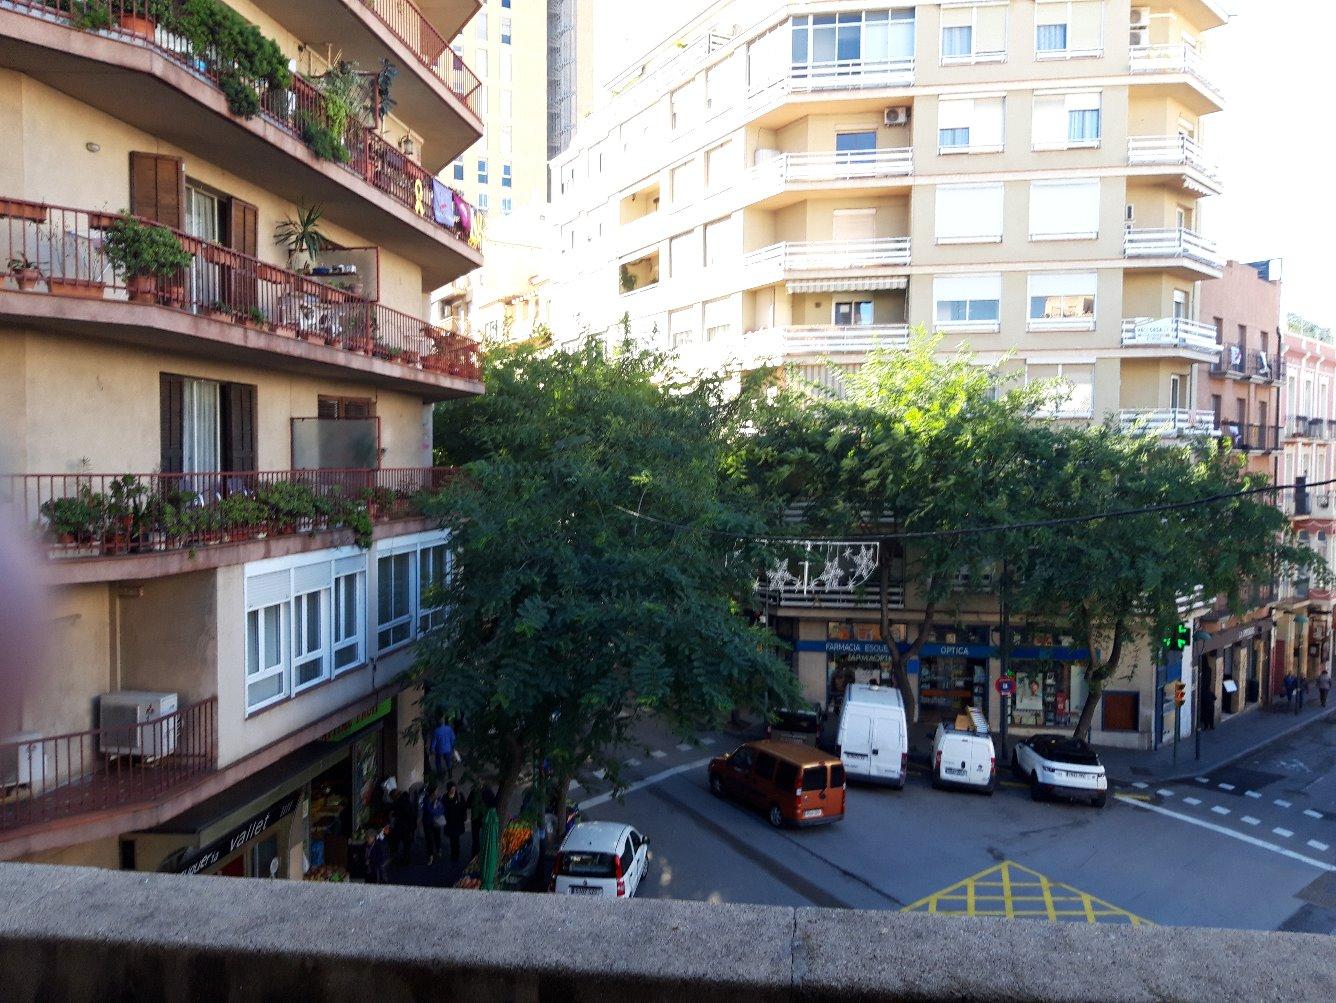 Lloguer Pis  Avenida rovira y virgili, 11. Magnifico piso en zona centro, 4 habitaciones, 1 baño, cocina y